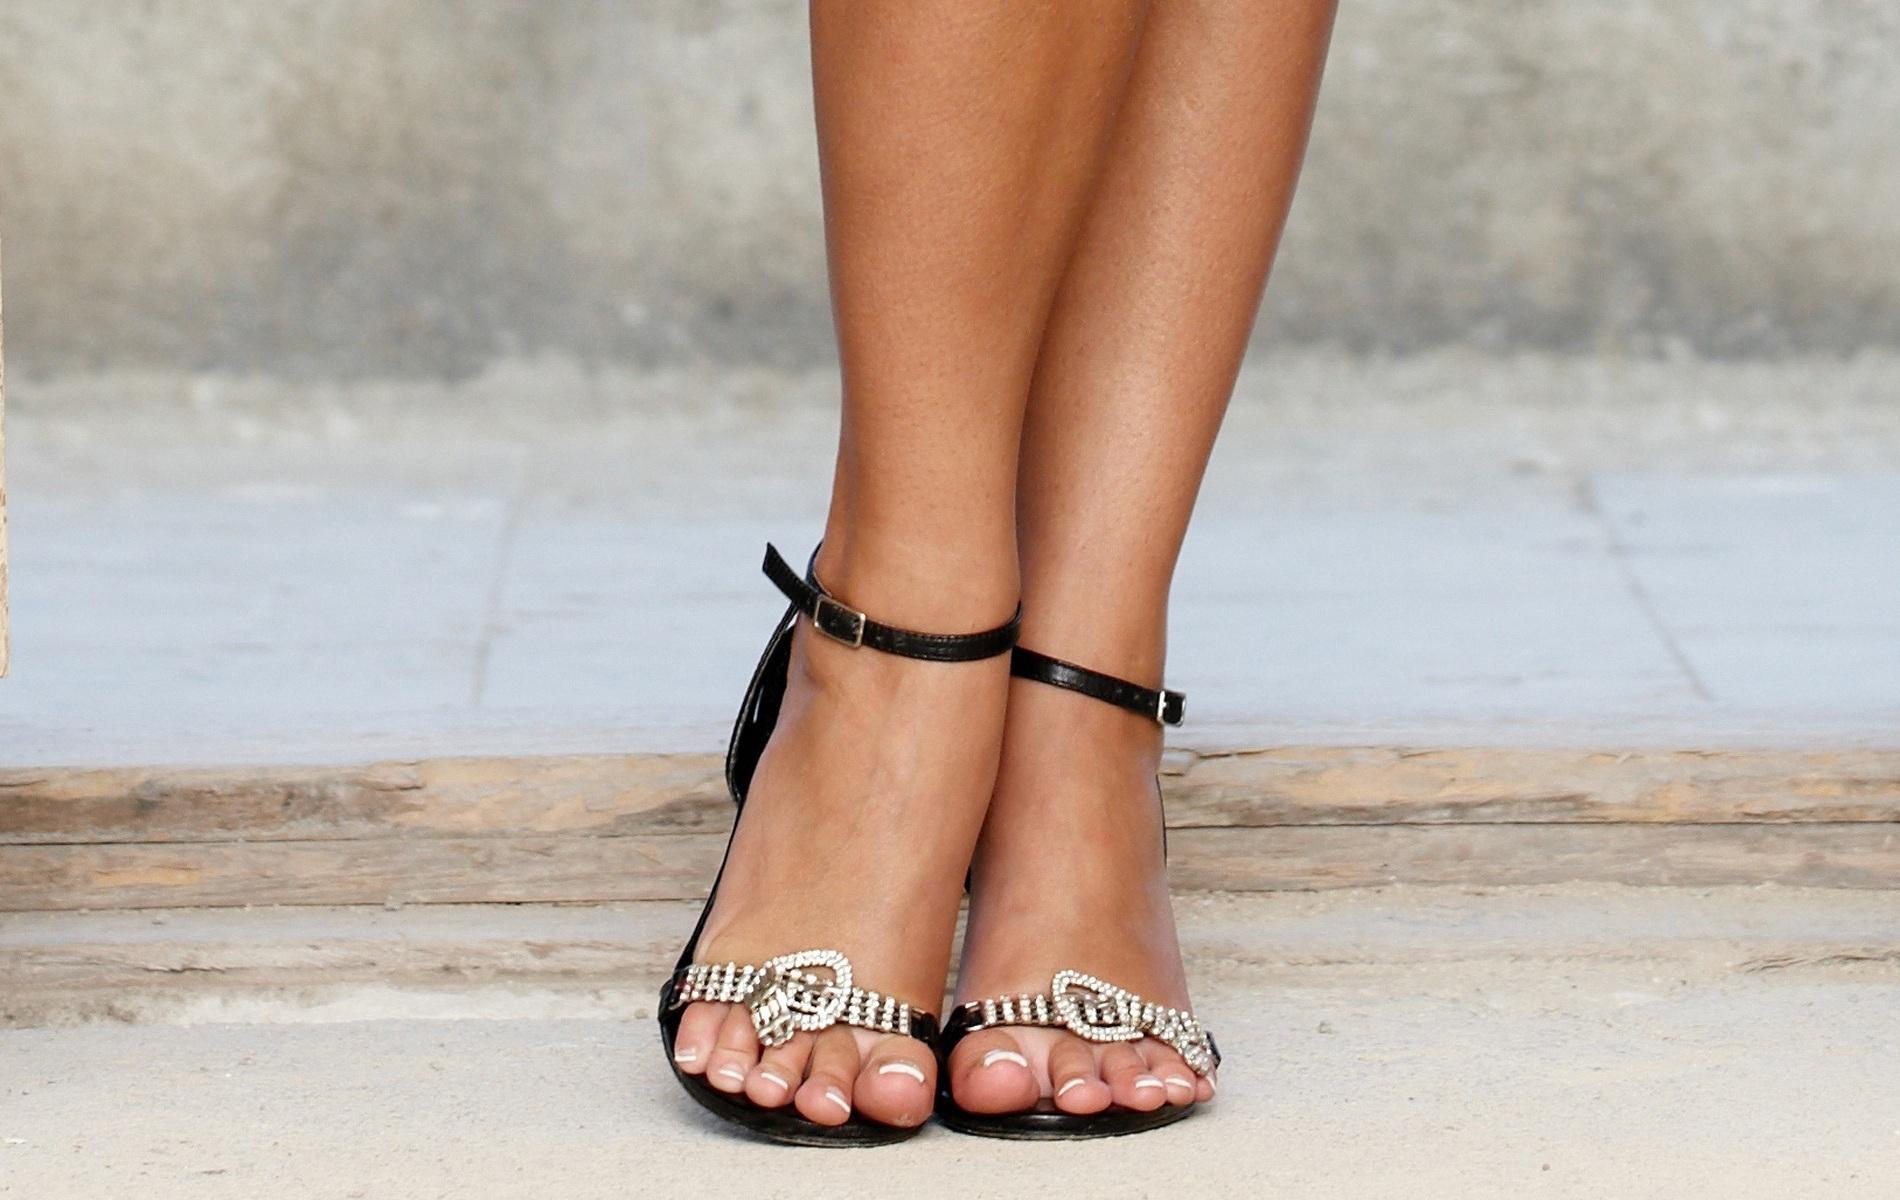 Широкие ноги фото бесплатно 3 фотография